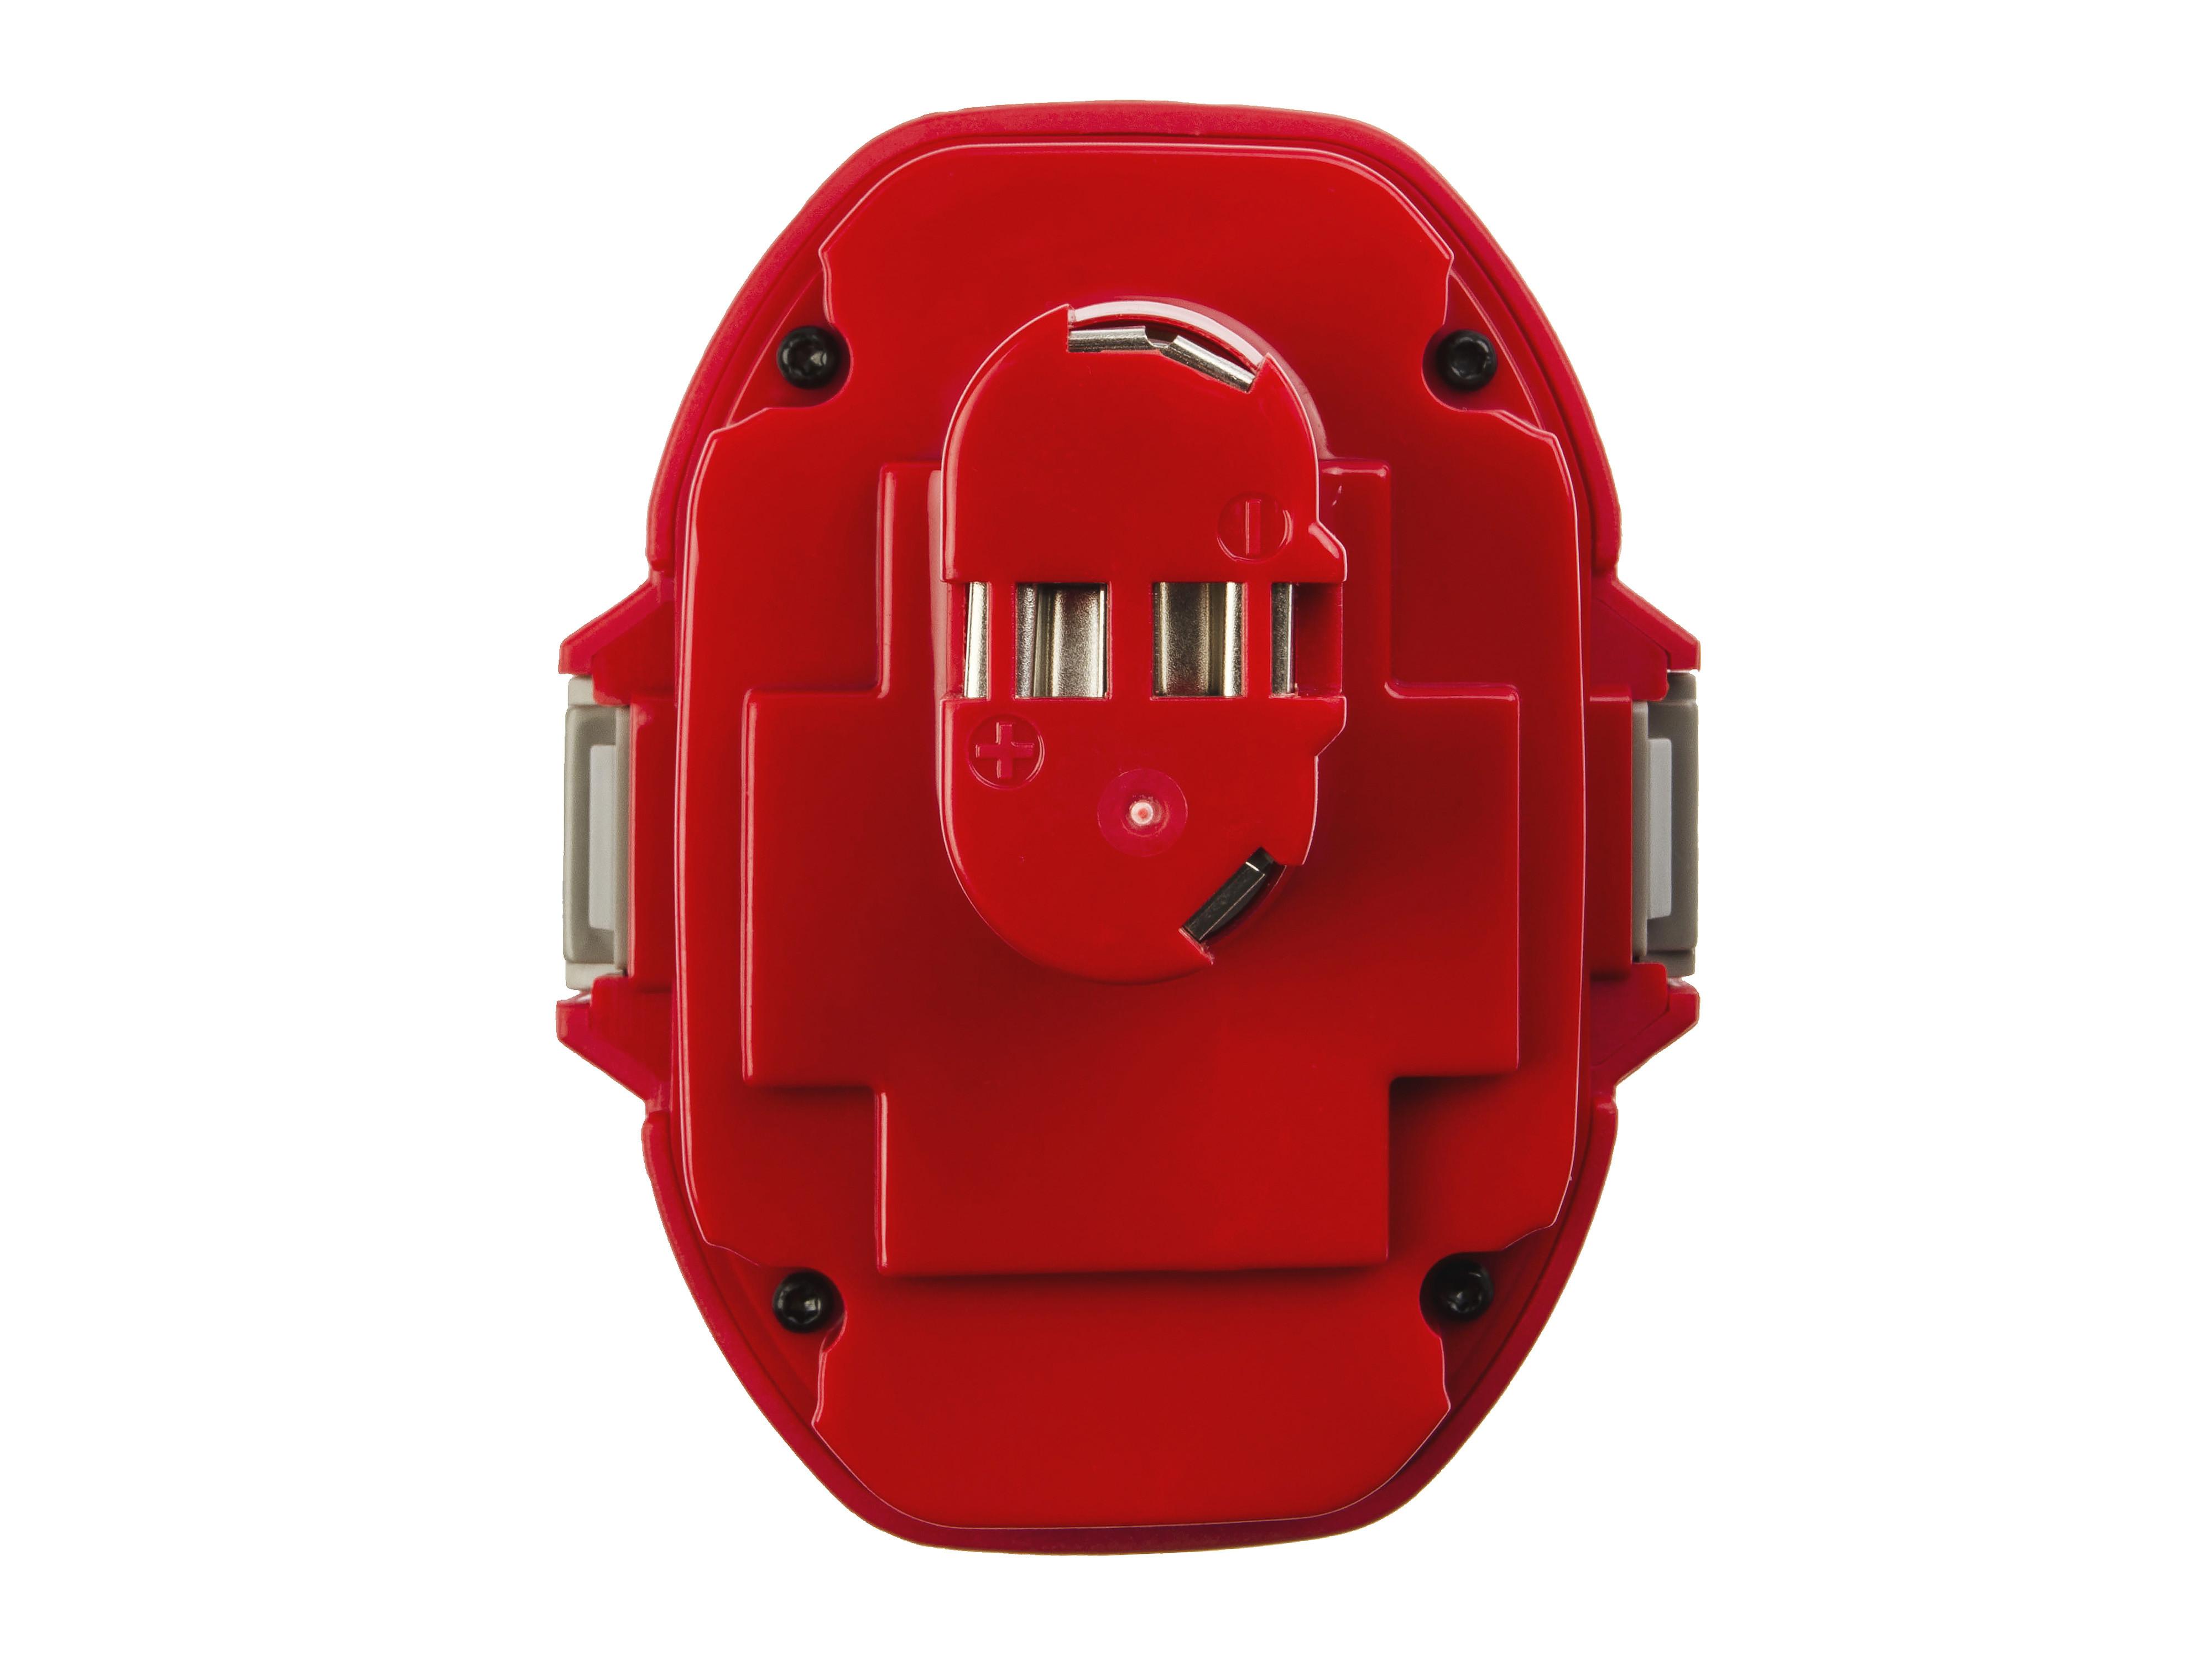 Green Cell Baterie 1822 1833 PA18 Green Cell (2Ah 18V) pro Makita 4334D 6343D 6347D 6349D 6390D 8390D 8391D